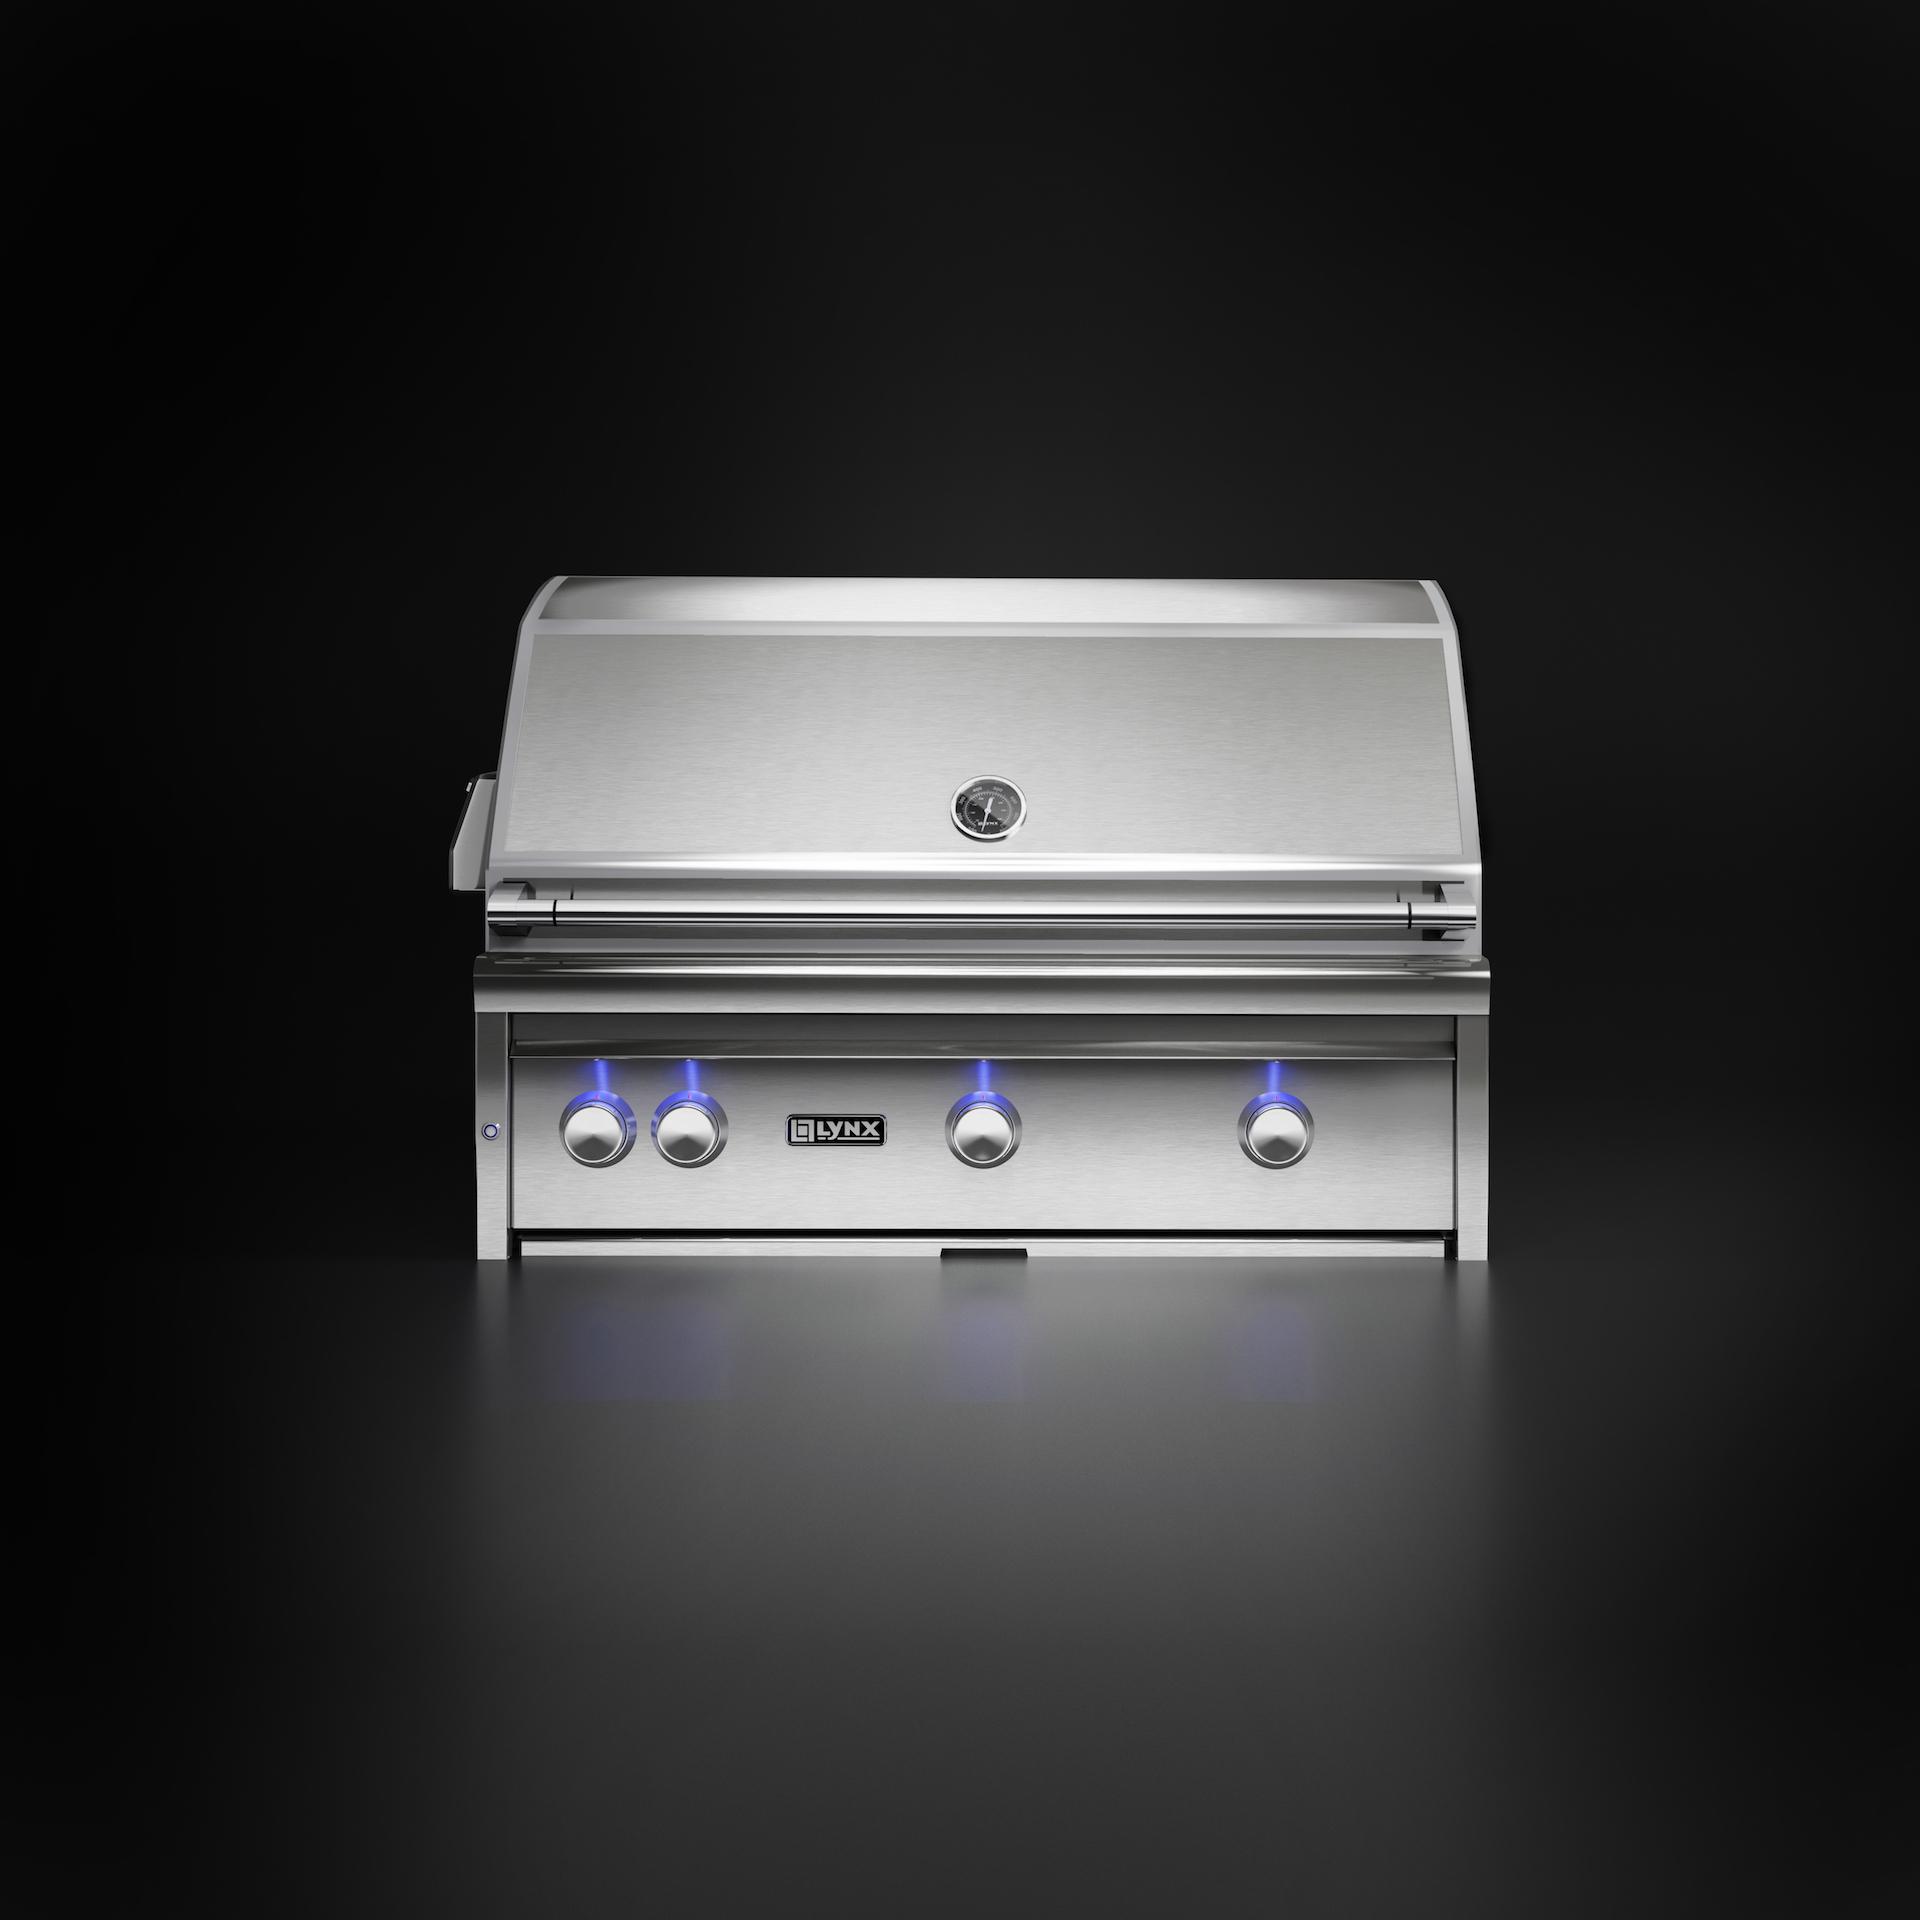 Kub Studio produit des images 3D sur fond neutre comme ce BBQ sur fond noir